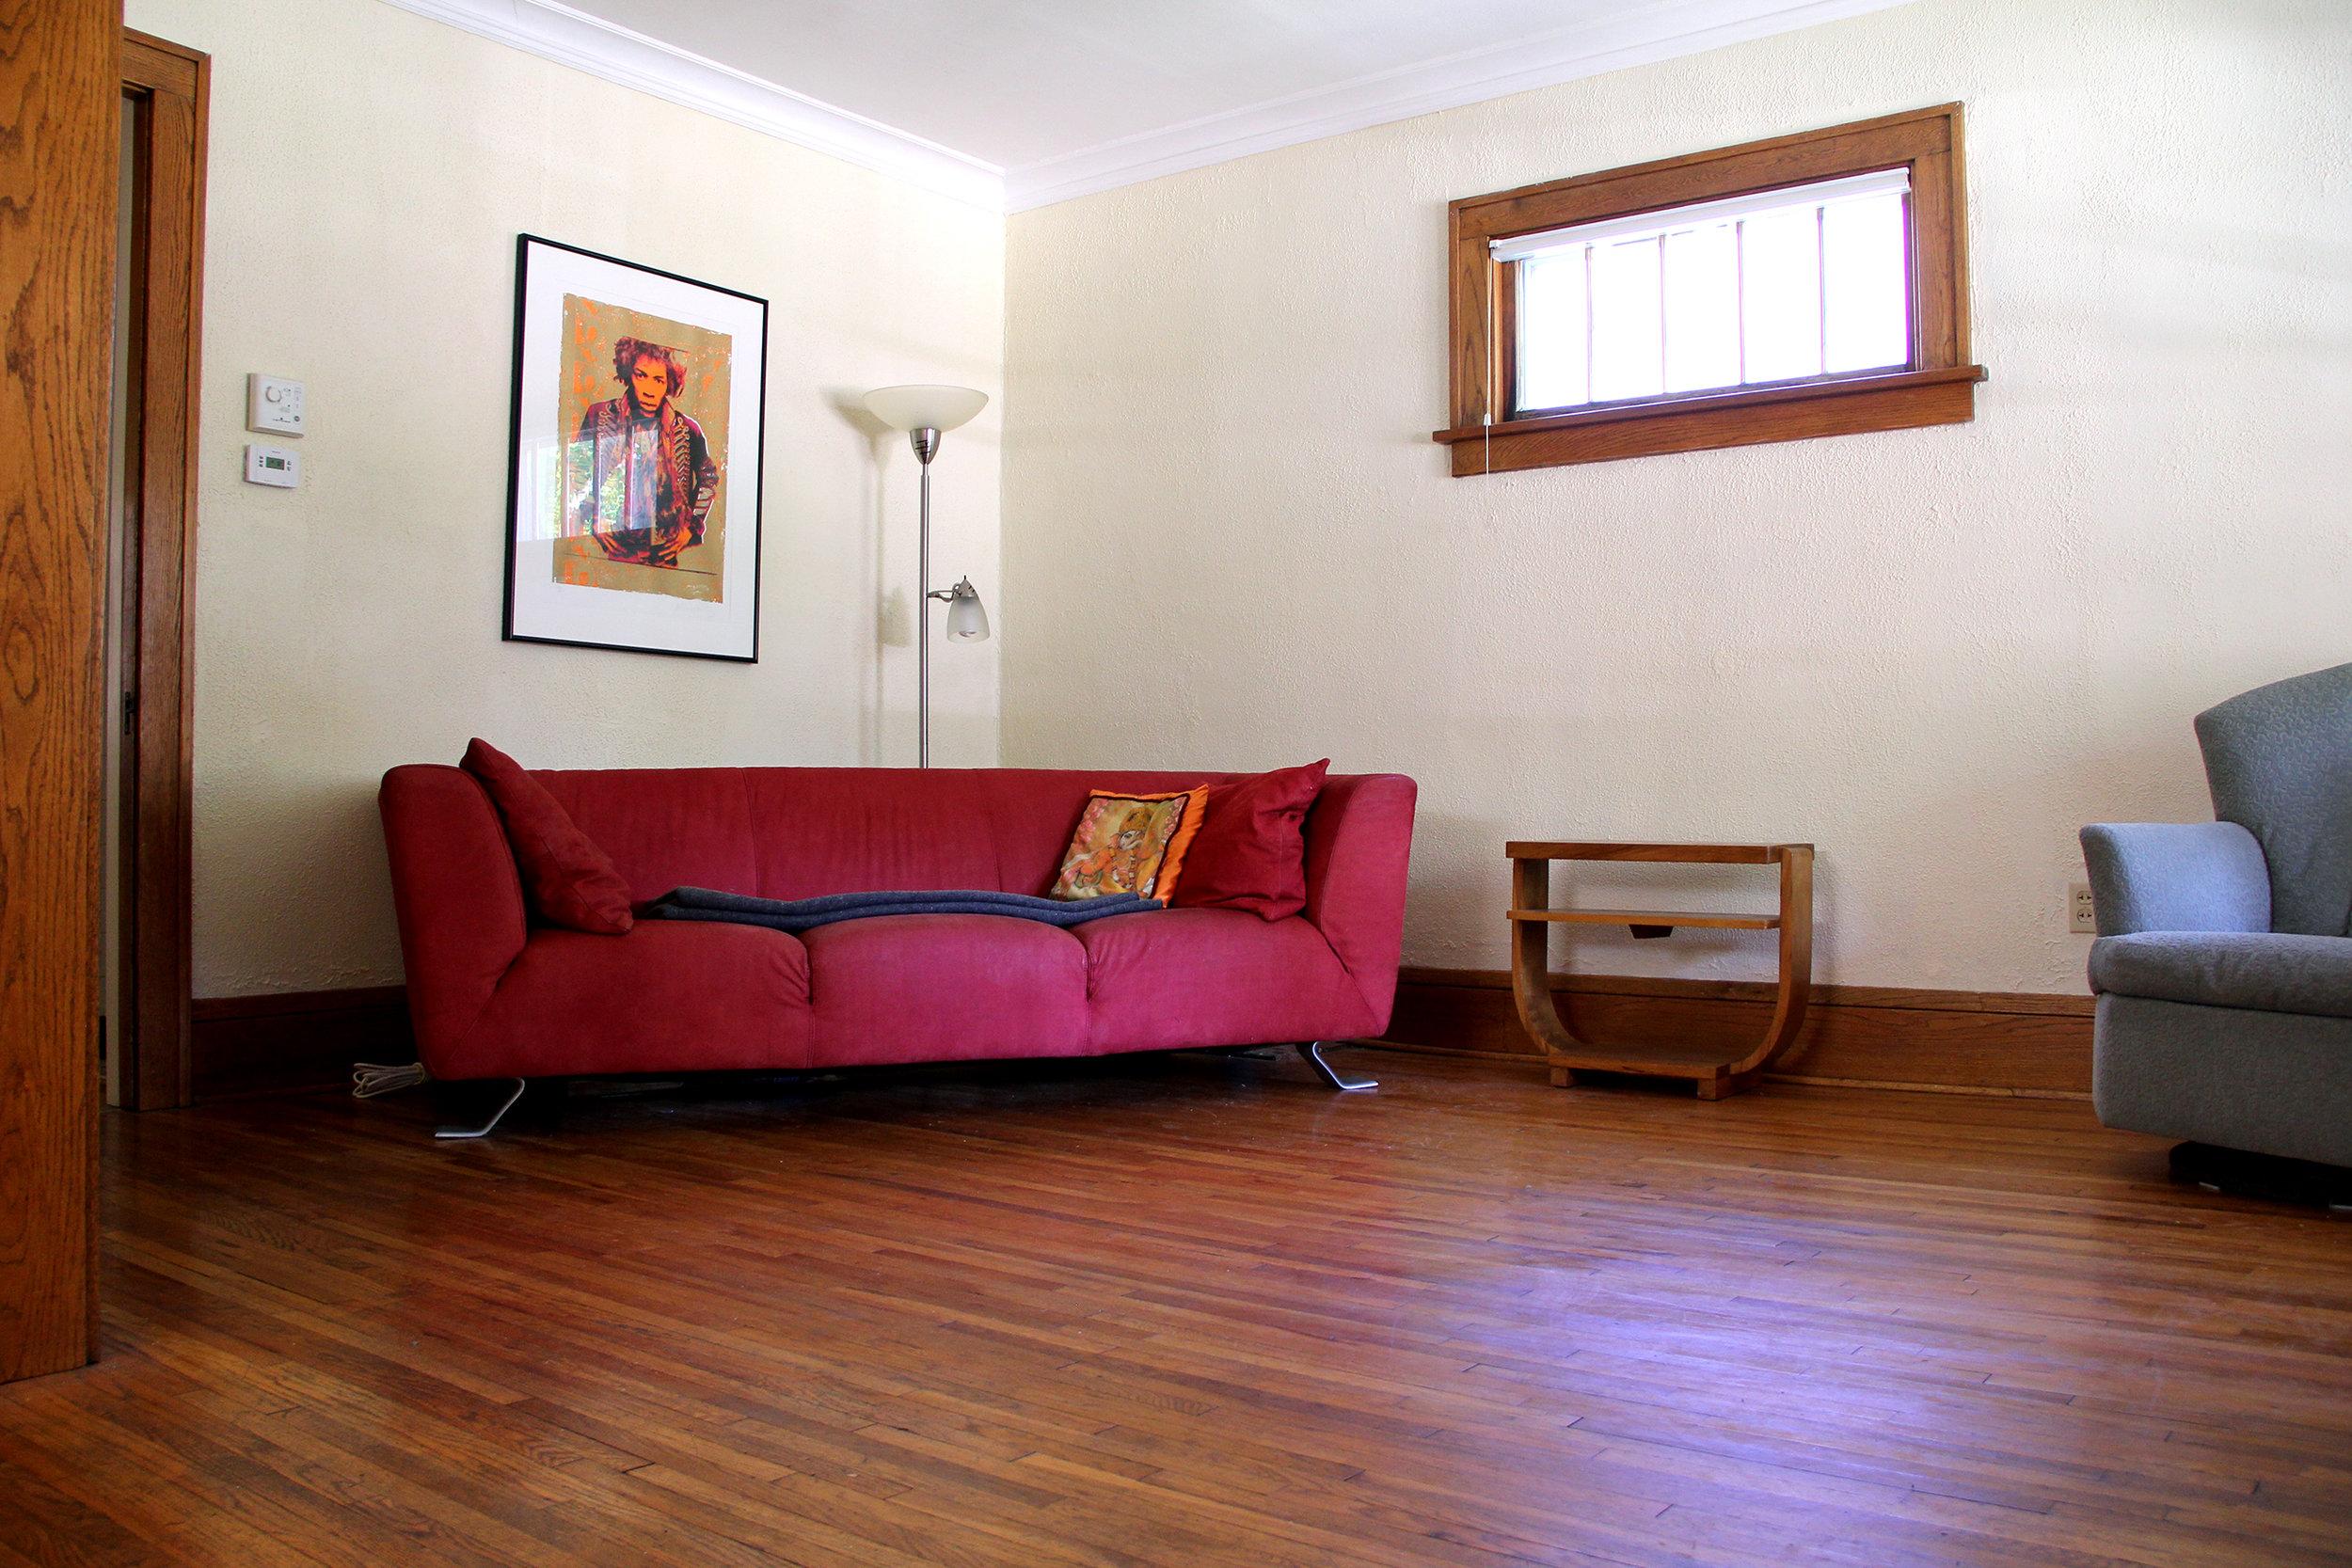 living-room_27130014323_o.jpg